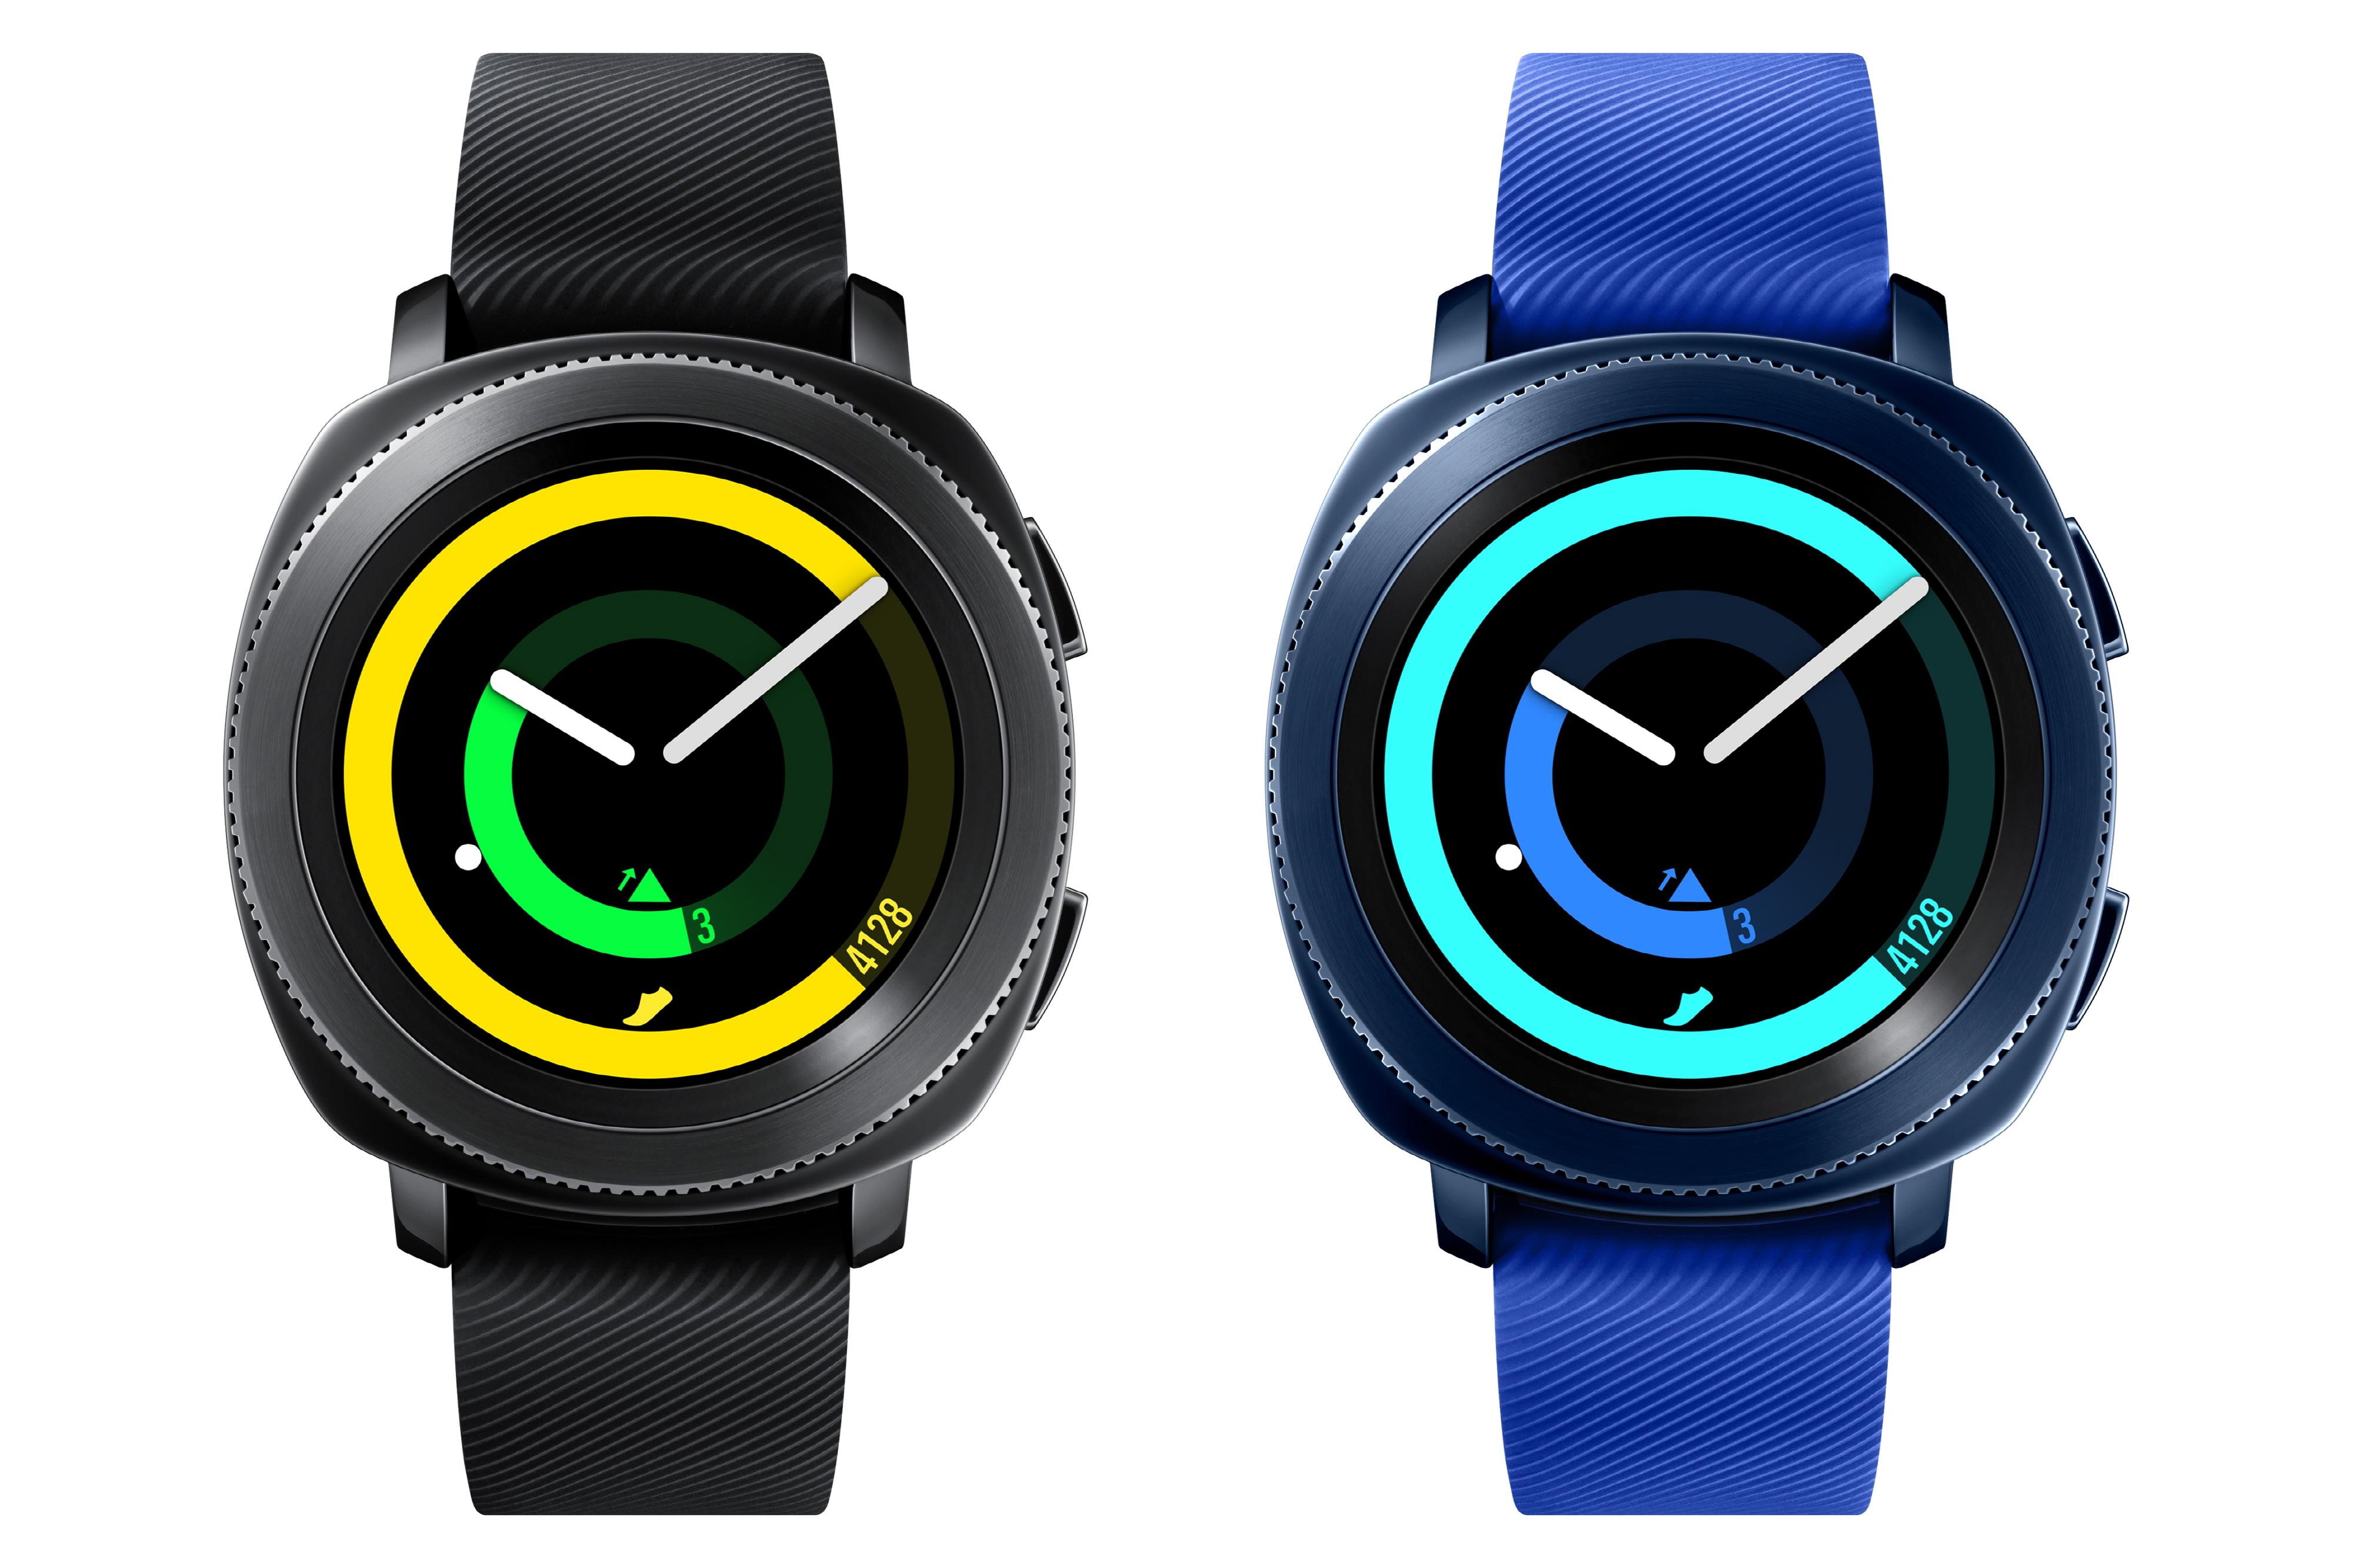 Samsung Gear Sport смарт часовник Перфектният подарък, с който със сигурност ще зарадва половинката. Смарт часовникът е изключително стилен, практичен и с минималистична кръгла рамка, която го превръща в идеален аксесоар за модерния мъж, независимо дали е във фитнеса или навън. Освен че е водоустойчив, той има вграден GPS, подобрен потребителски интерфейс и редица спортни приложения, с които фитнес начинанията и ежедневните активности стават още по-ефективни.